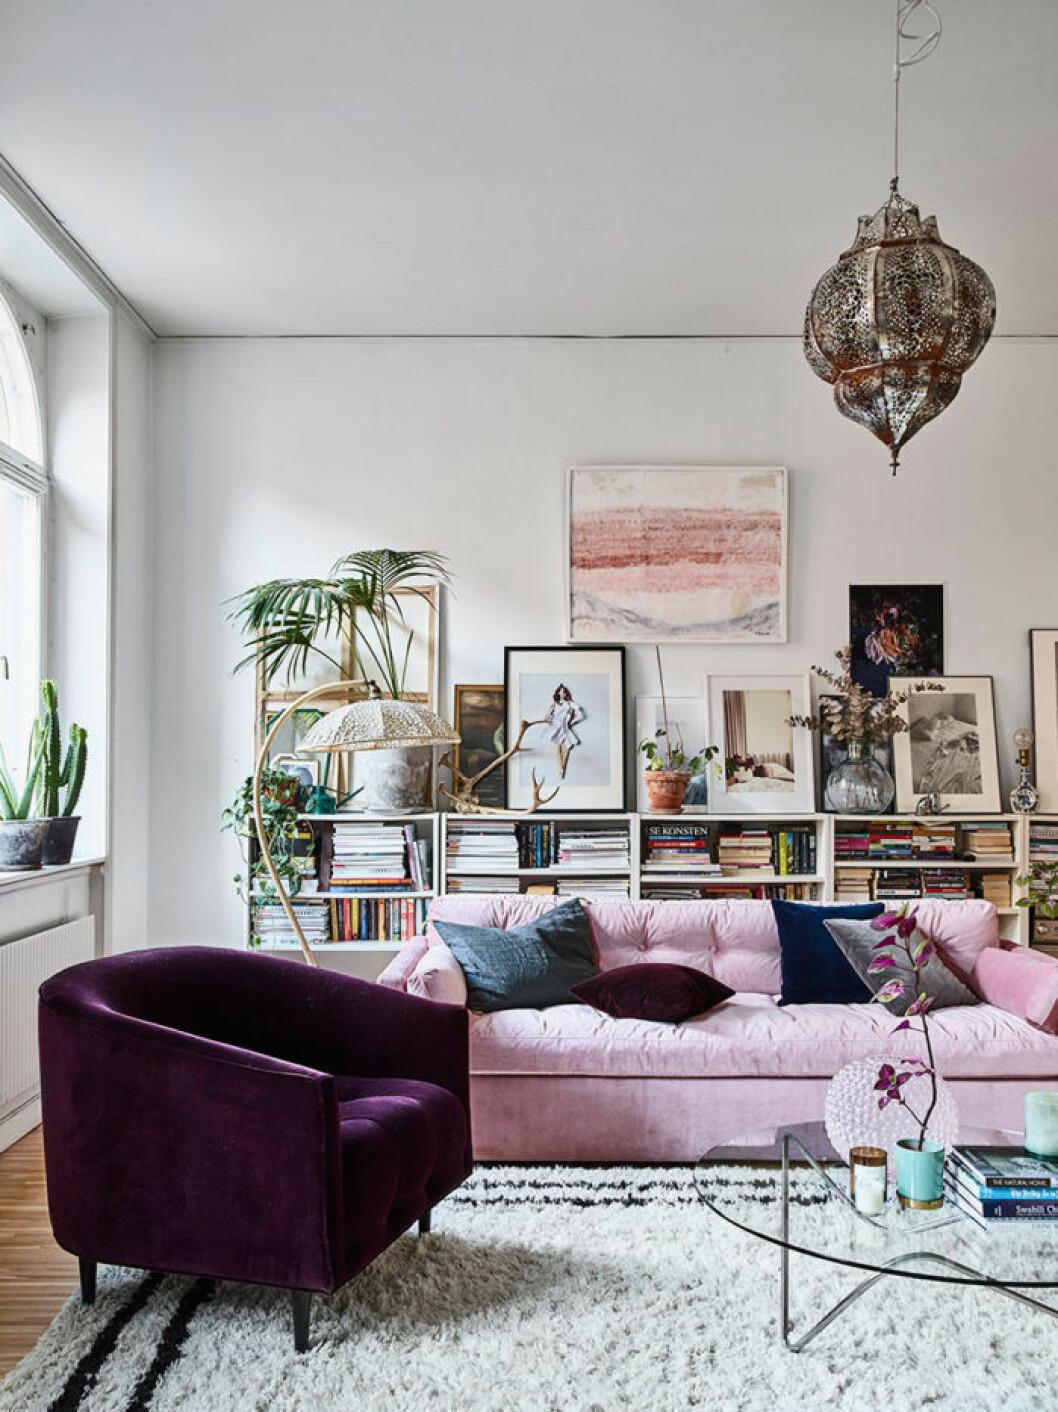 Hemma hos Amelia Widell - vardagsrum med sammetsmöbler